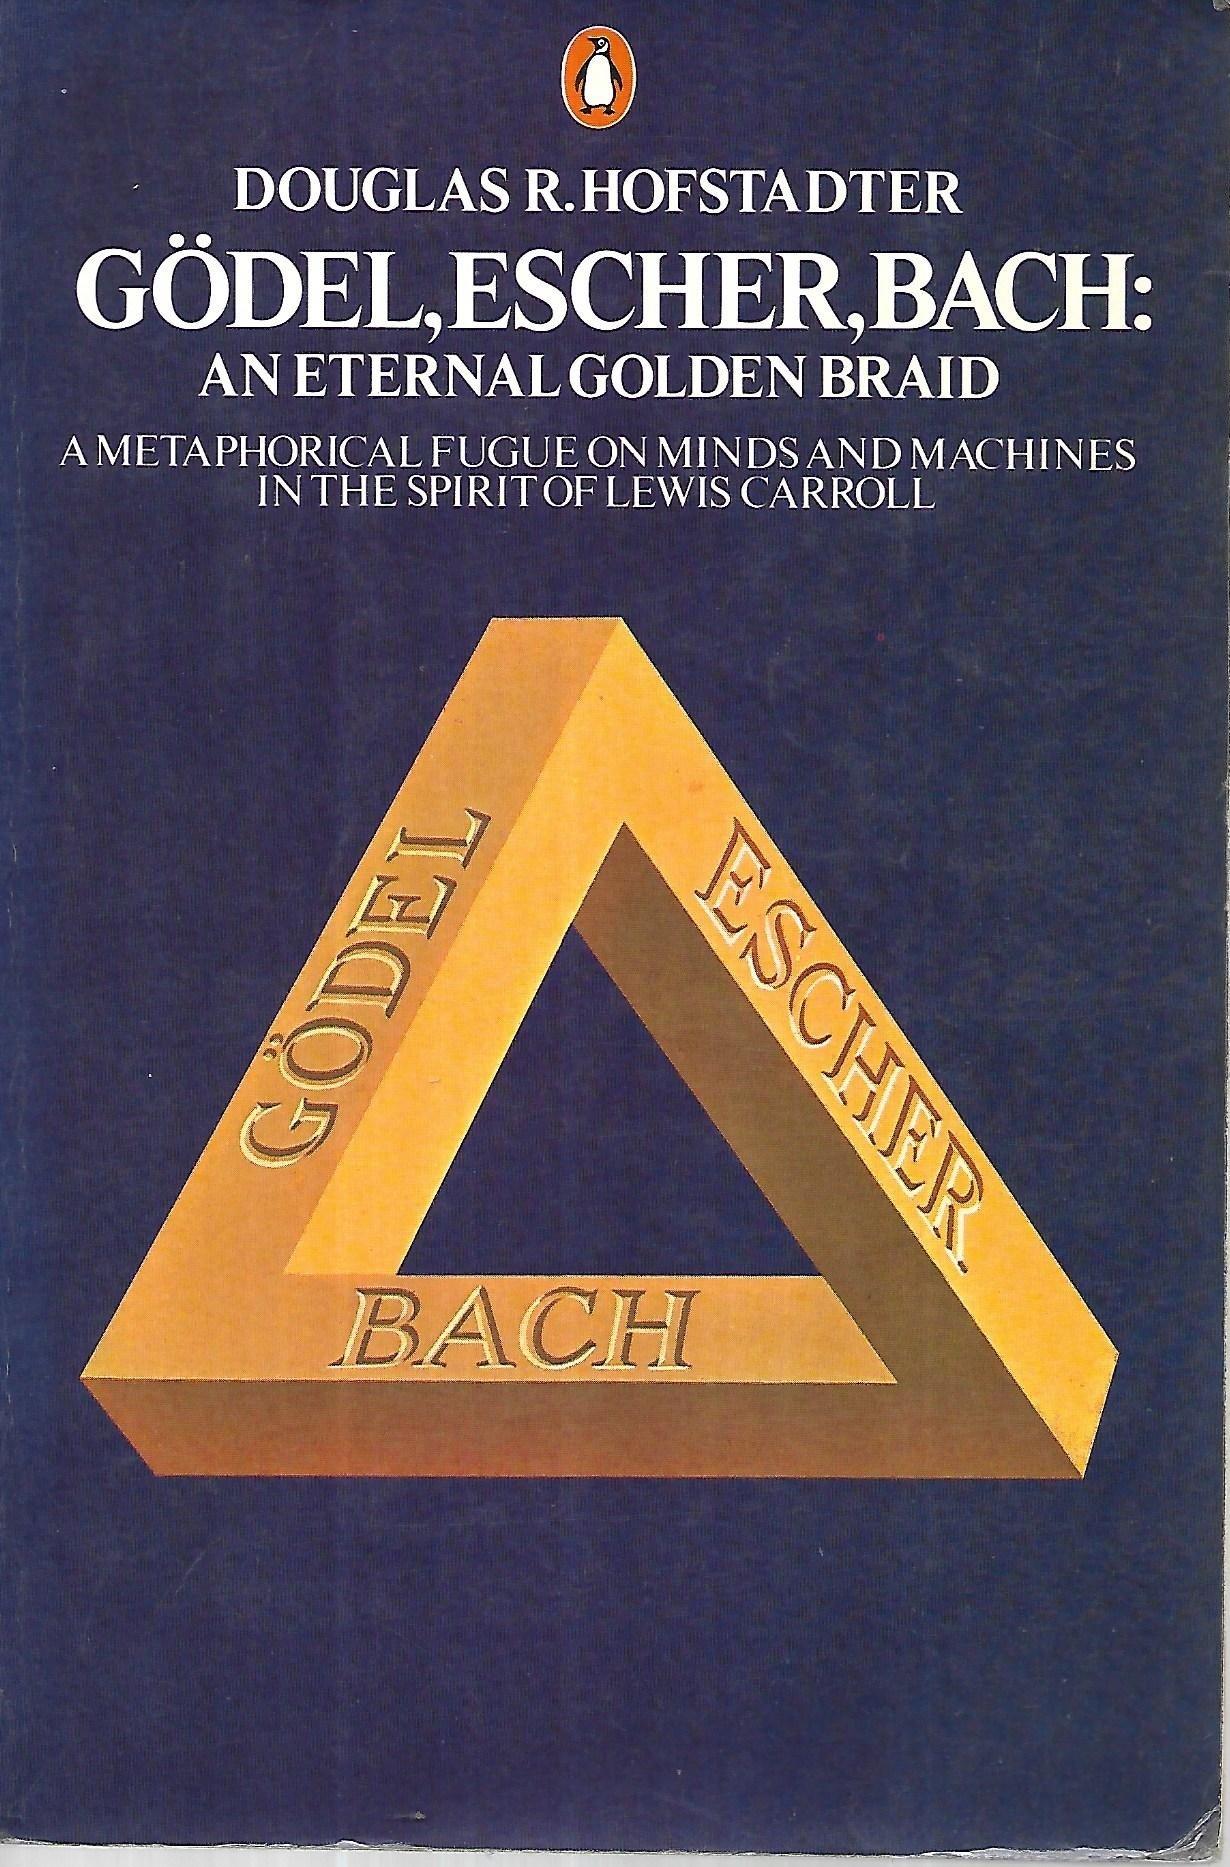 Gödel, Escher, Bach: An Eternal Golden Braid: Douglas R. Hofstadter:  9780140055795: Amazon.com: Books